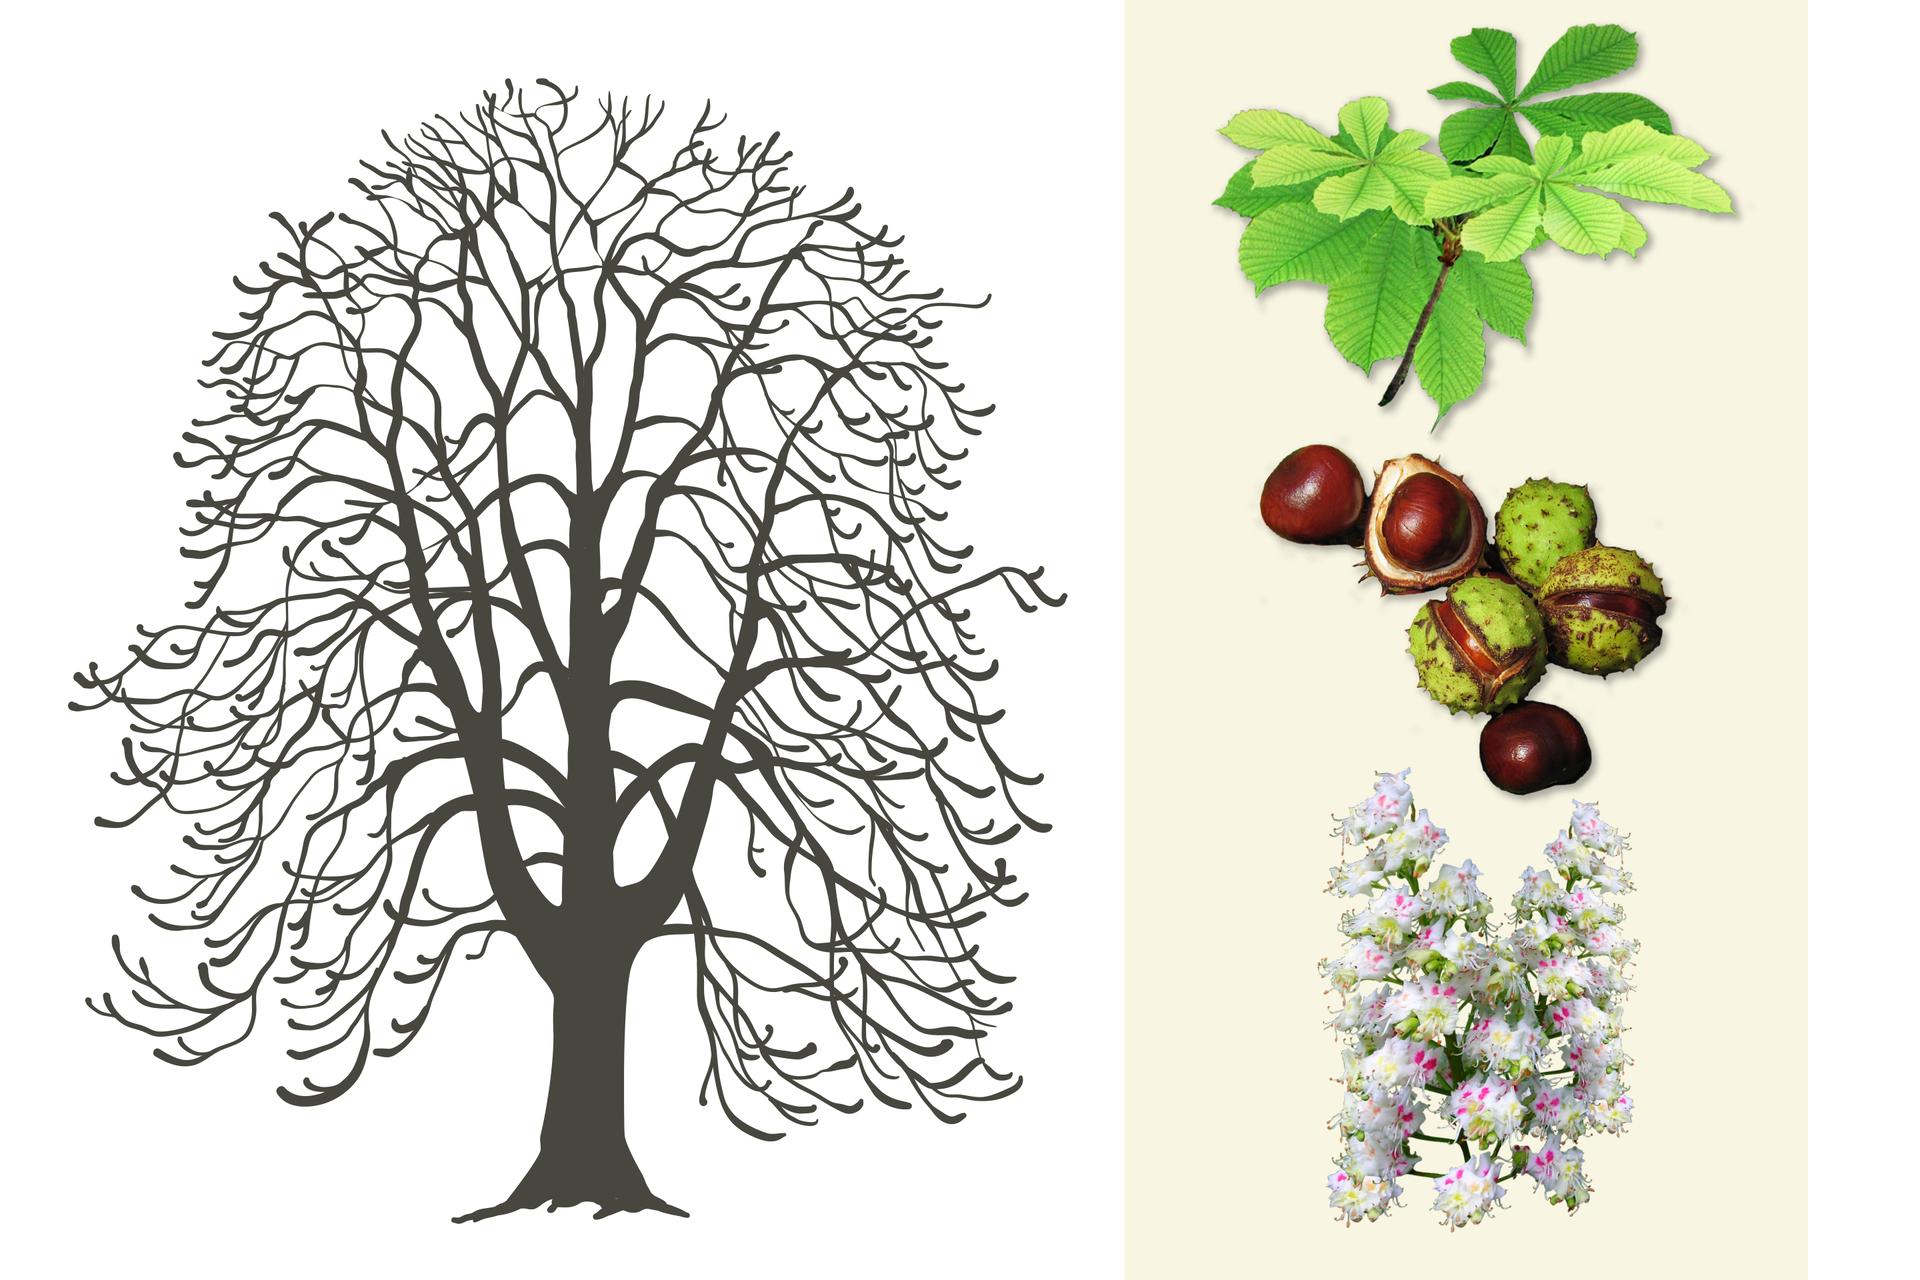 Ilustracja przedstawia szarą sylwetkę kasztanowca. Po prawej ugóry gałązka zjasno zielonymi, dłoniastymi liśćmi. Niżej kilka brązowych kasztanów, wzielonych łupinach ibez nich. Na dole dwa wzniesione kwiatostany kasztanowca zlicznymi biało różowymi kwiatkami.